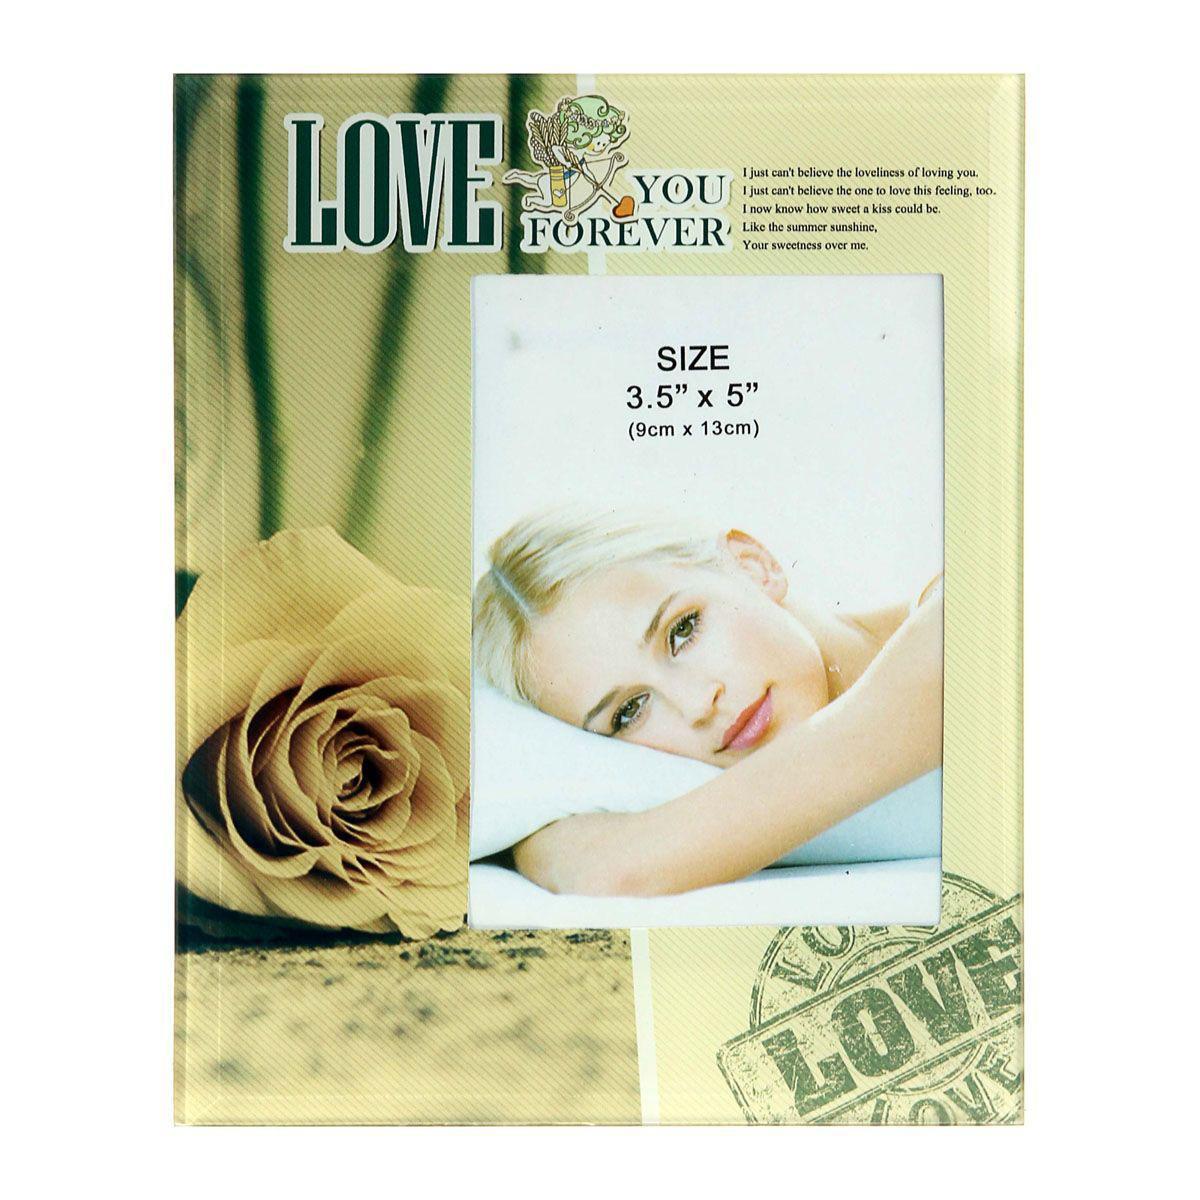 Фоторамка Sima-land Желтая роза Love, 9 х 13 см846777Фоторамка Sima-land Желтая роза Love прекрасный выбор для тех, кто хочет сделать запоминающийся презент родным и близким. Поможет создать атмосферу праздника. Такой подарок запомнится надолго. В нем прекрасно сочетаются цена и качество.